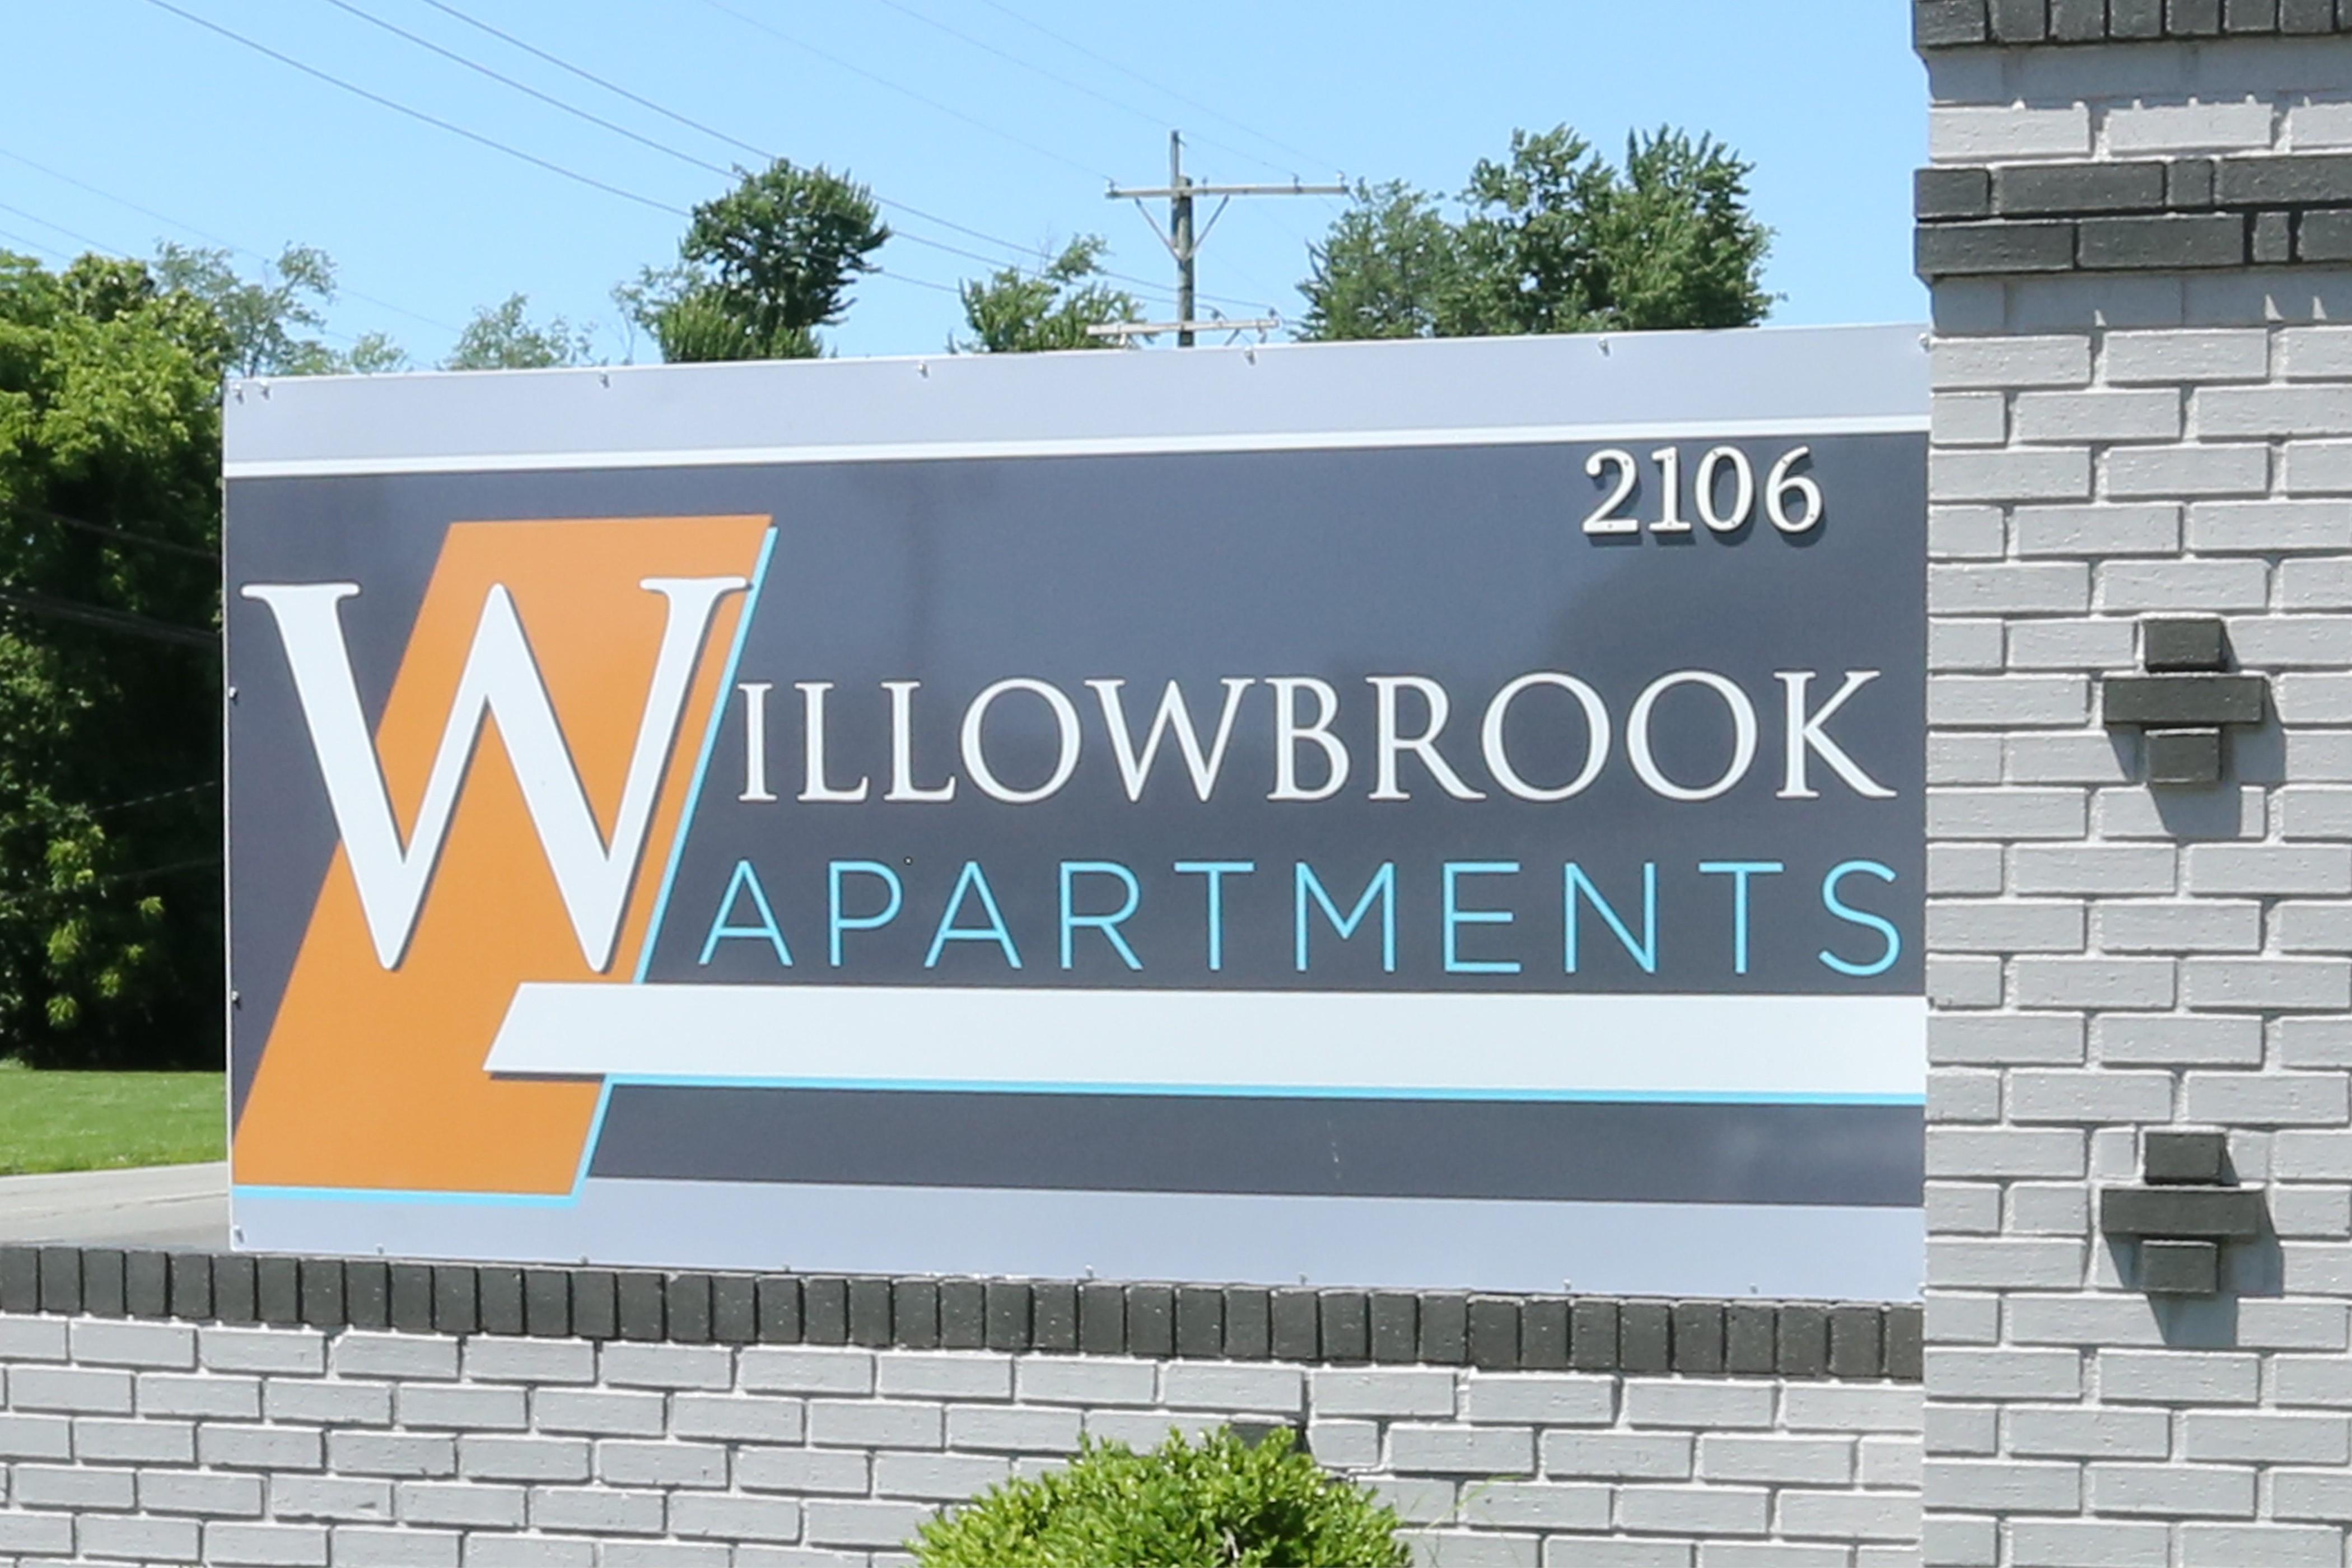 Apartments Near Sullivan Willowbrook Apartments for Sullivan University Students in Louisville, KY